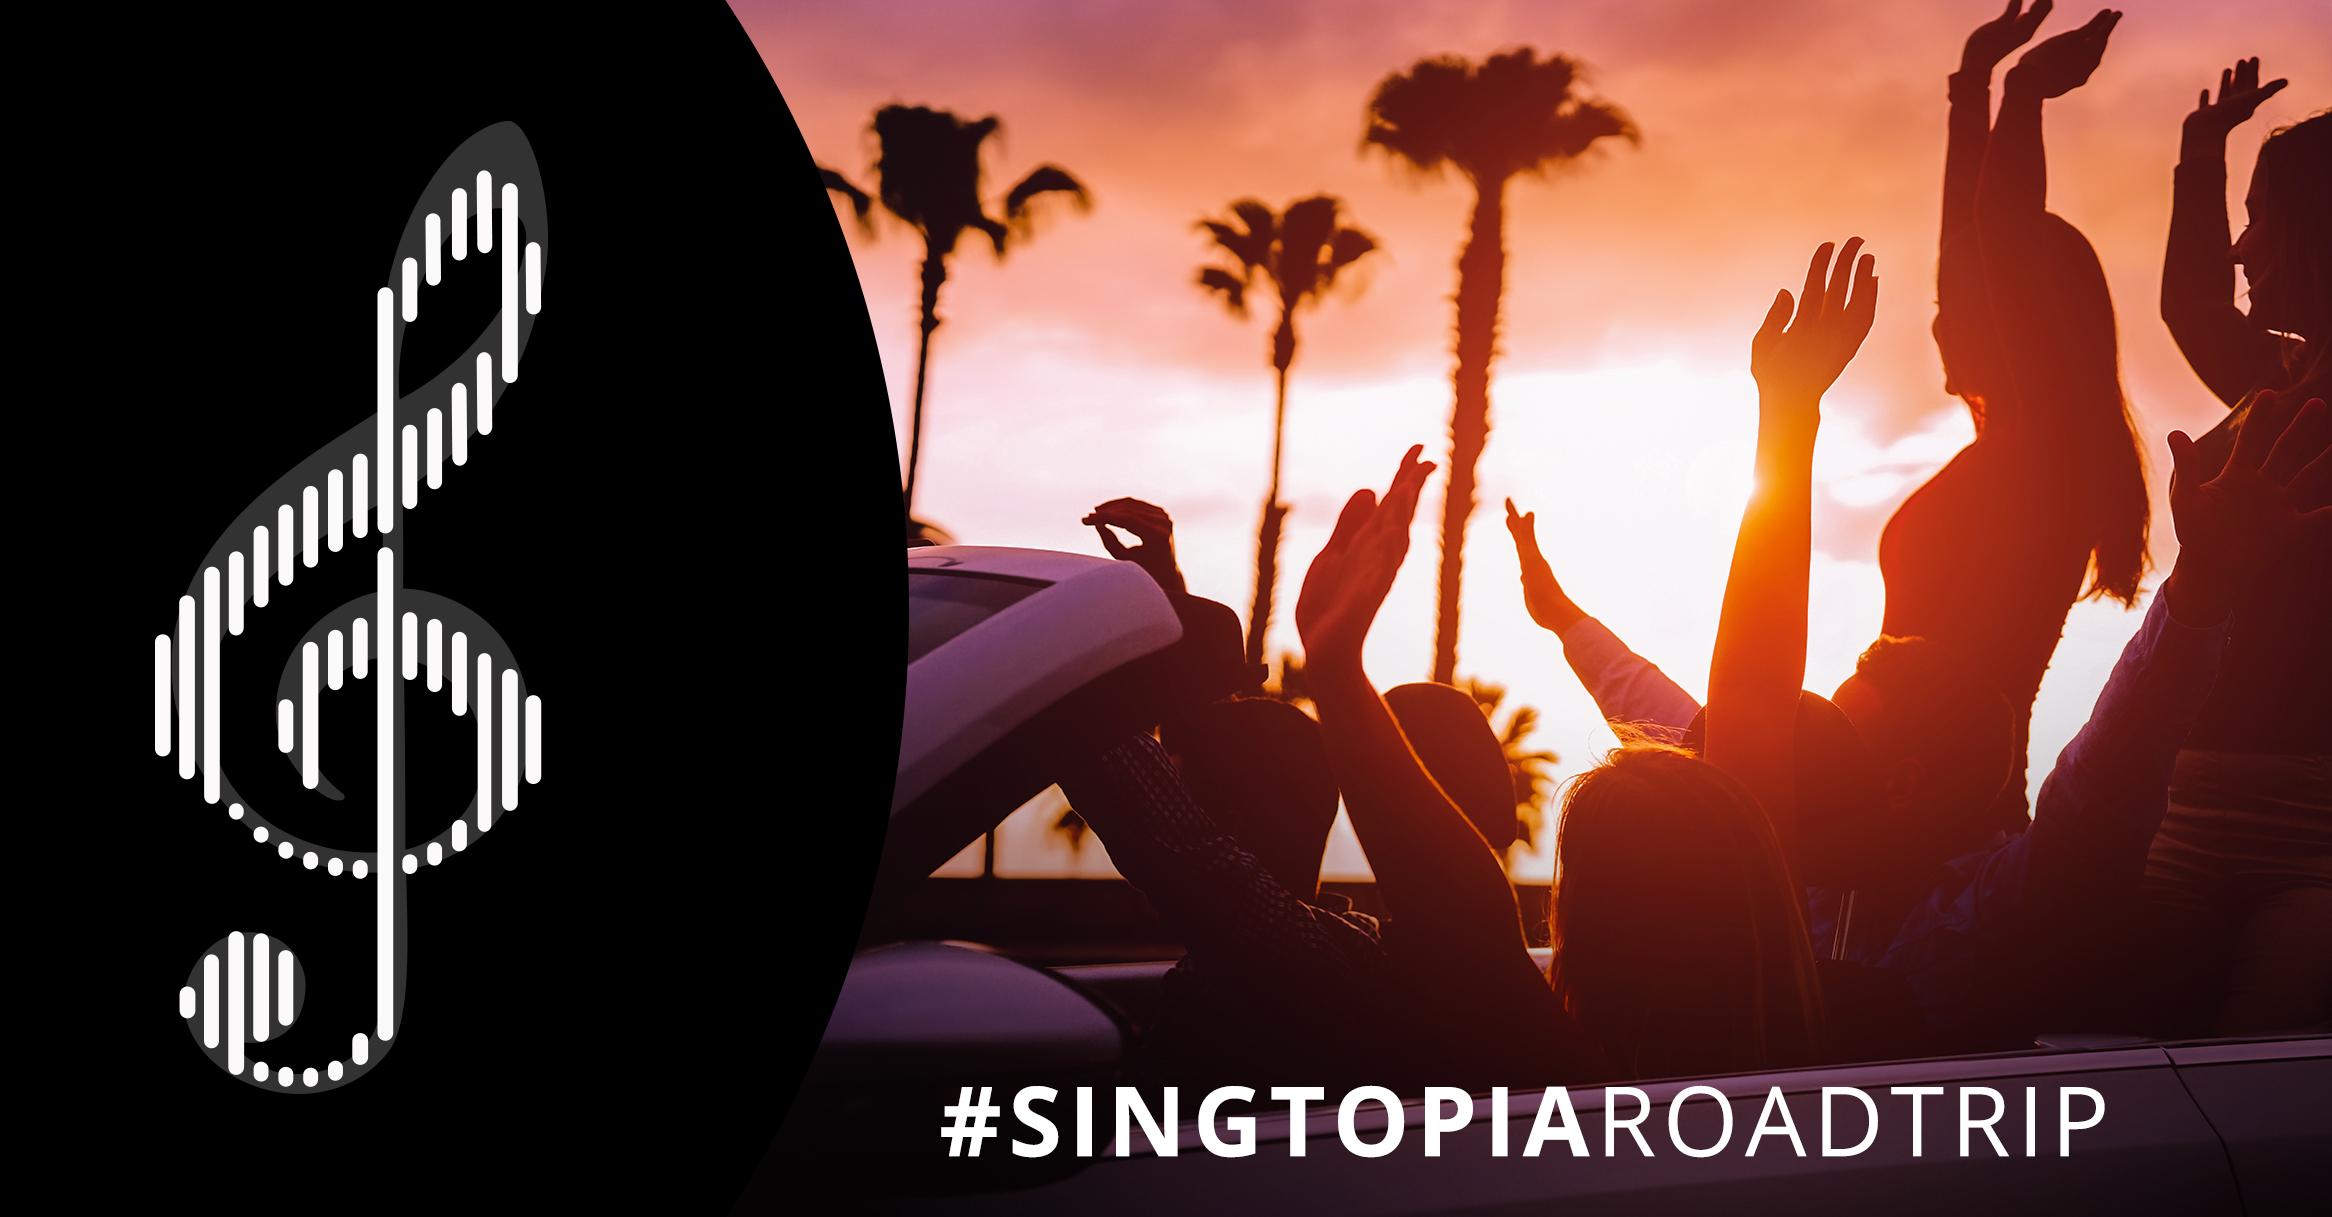 Singtopia_RoadTrip.jpg